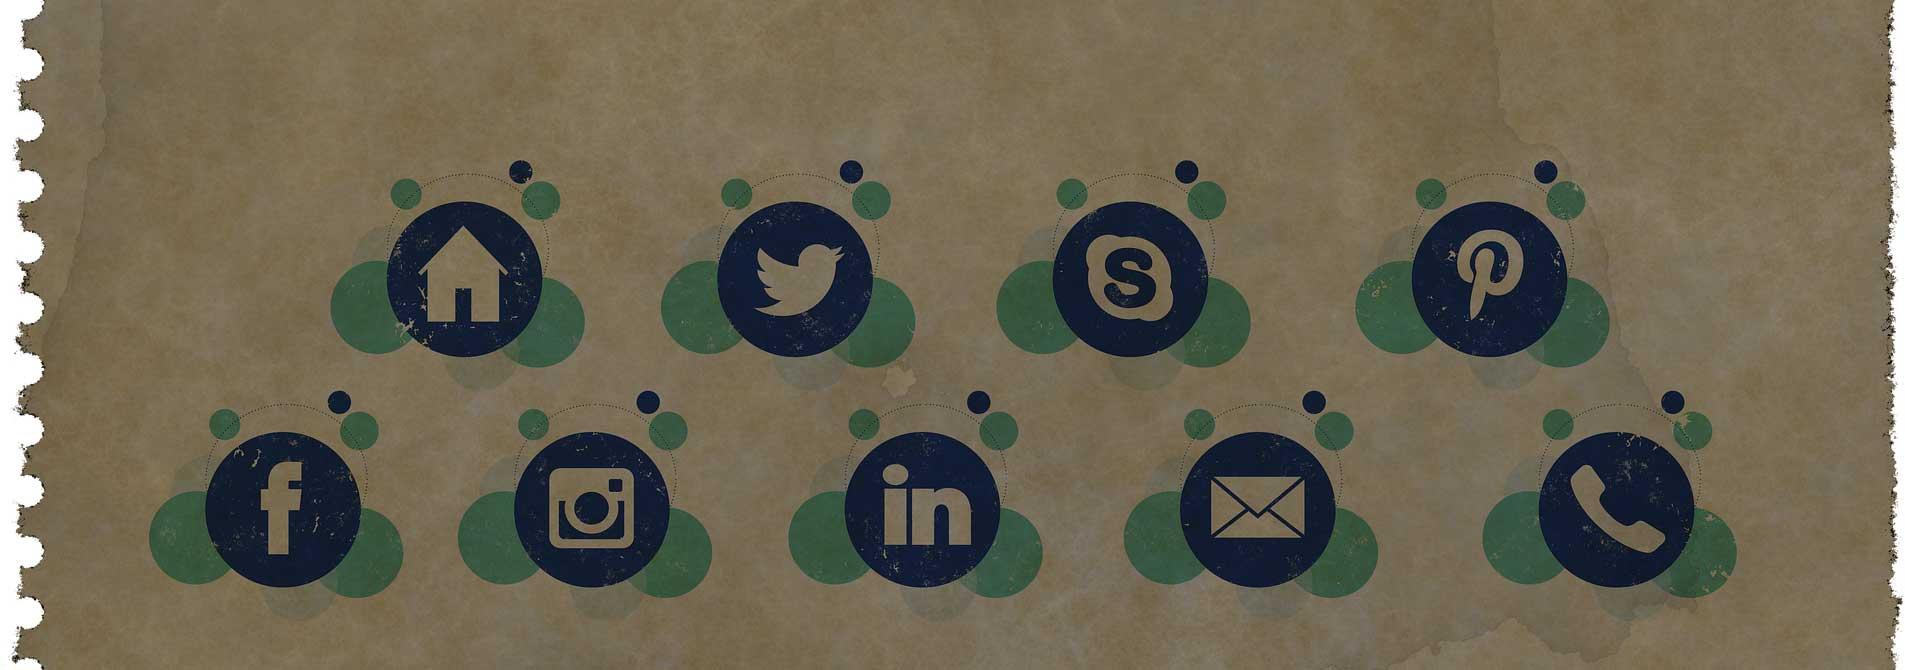 redes sociales las palmas